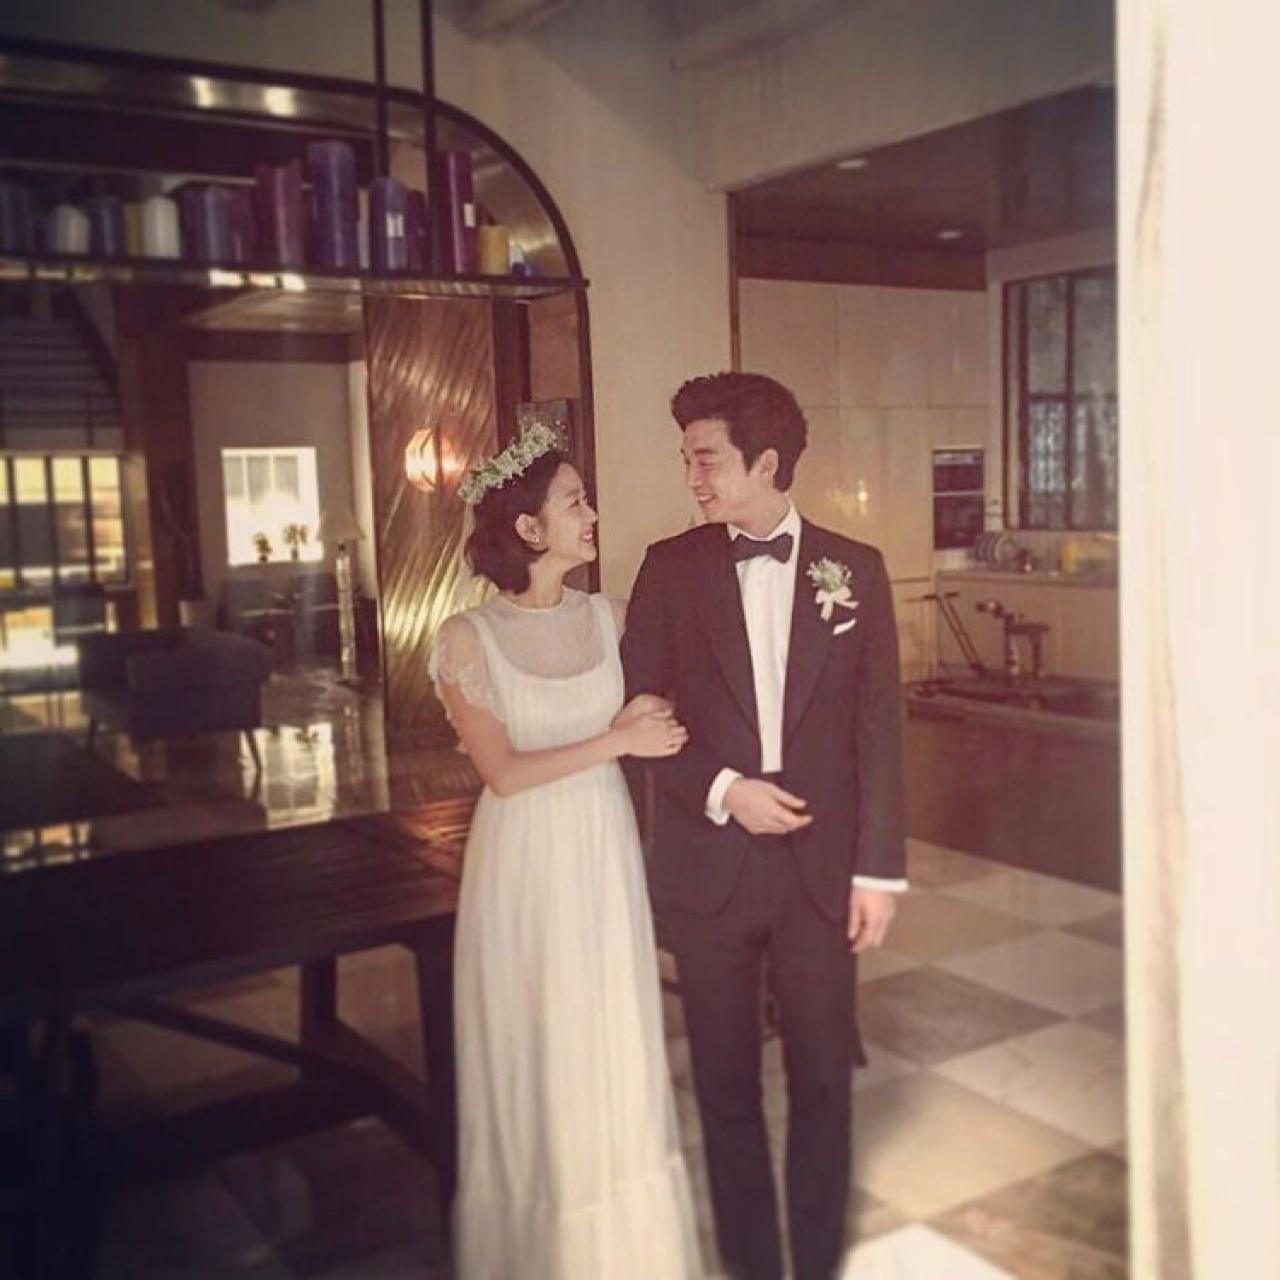 金高恩重開IG的第一張照片,竟然是與孔劉的「婚照」,而不是男友申河均。(網上圖片)